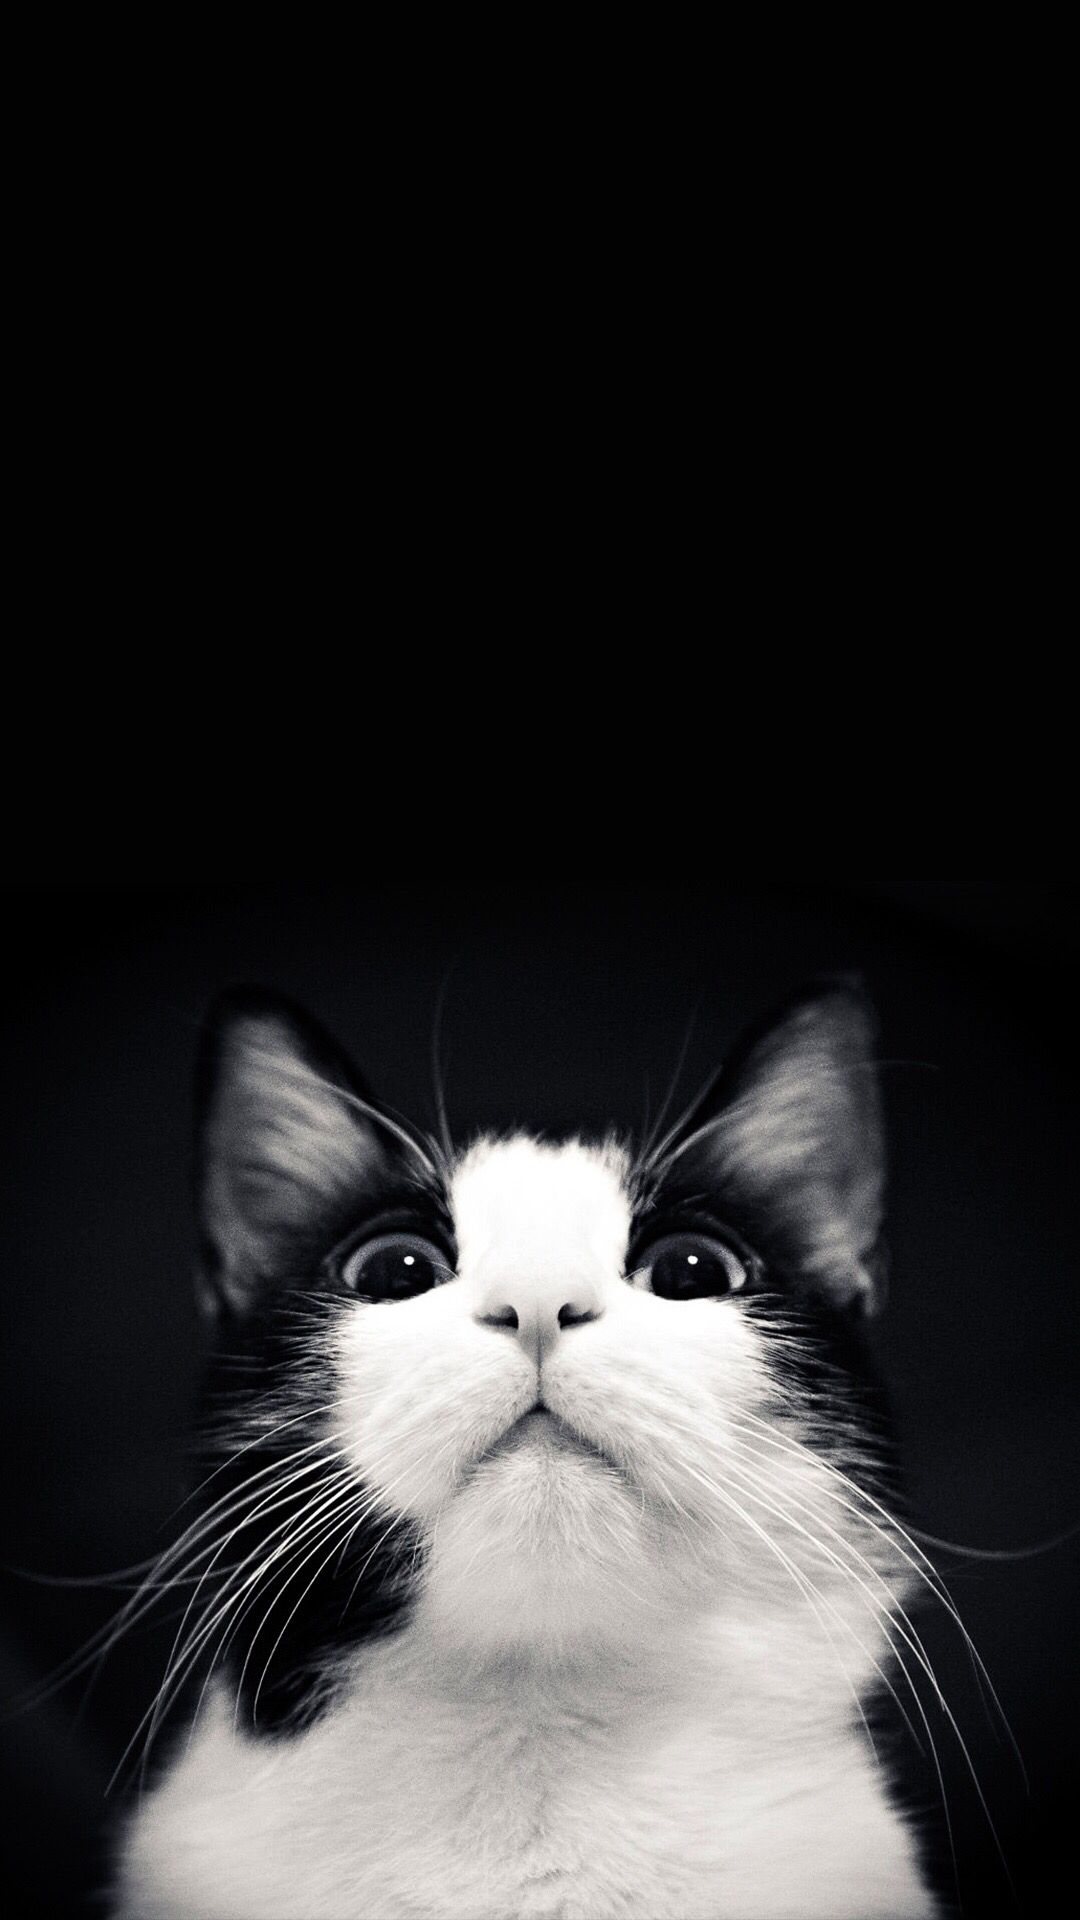 Pin Di Cats Black White